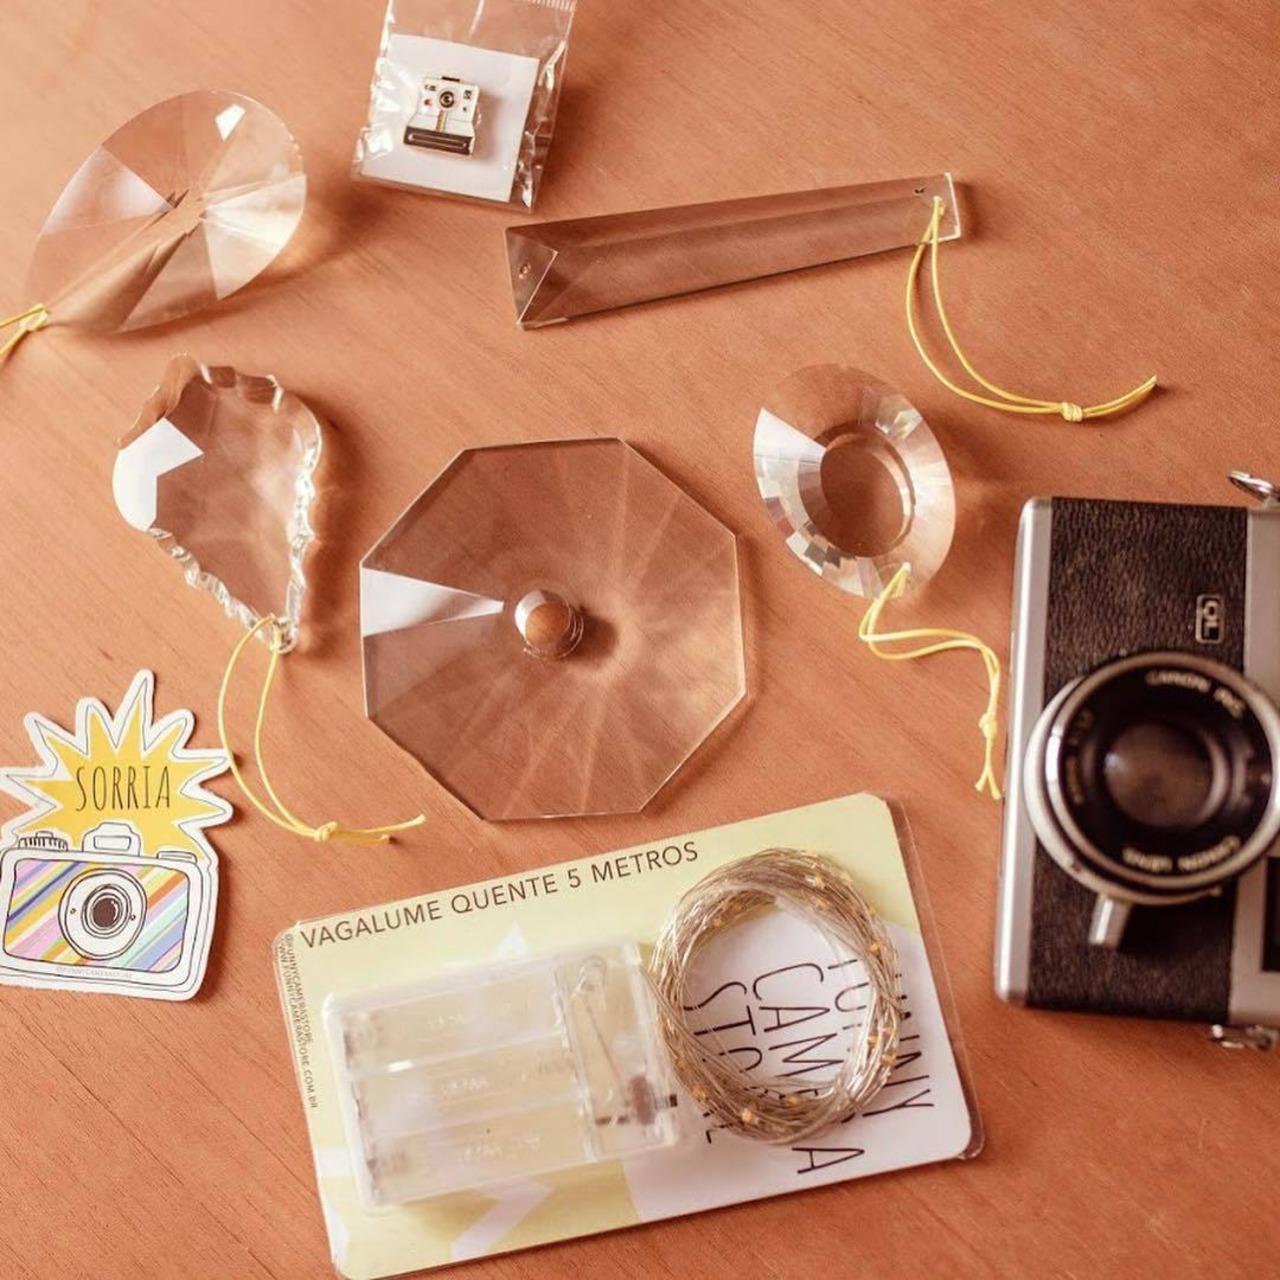 Pack de prismas da Funny Camera Store